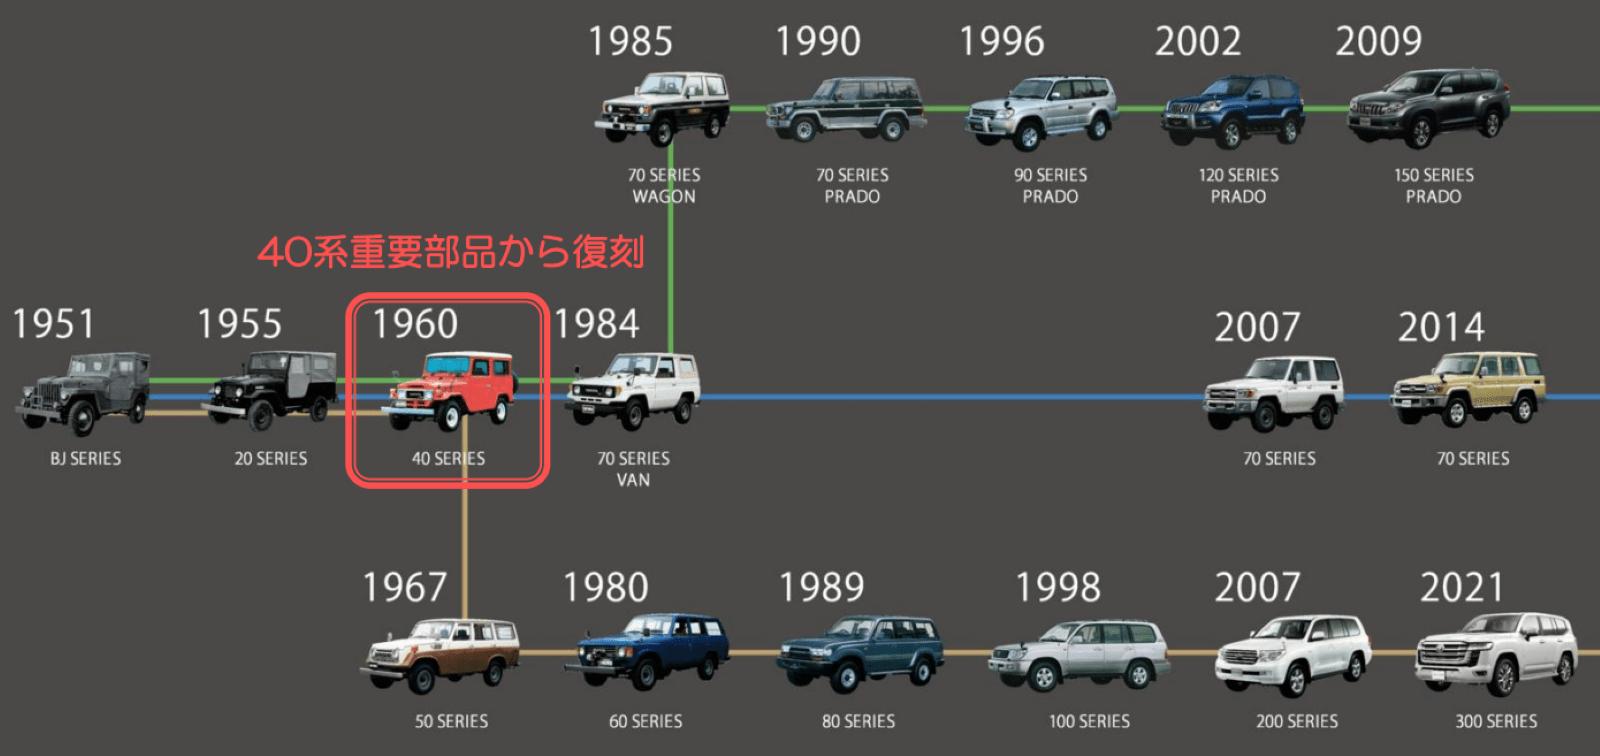 図3 ランドクルーザーの各車両の発売時期と外観 トヨタは40系以降の車両でも部品の復刻を検討する。(出所:トヨタ自動車)